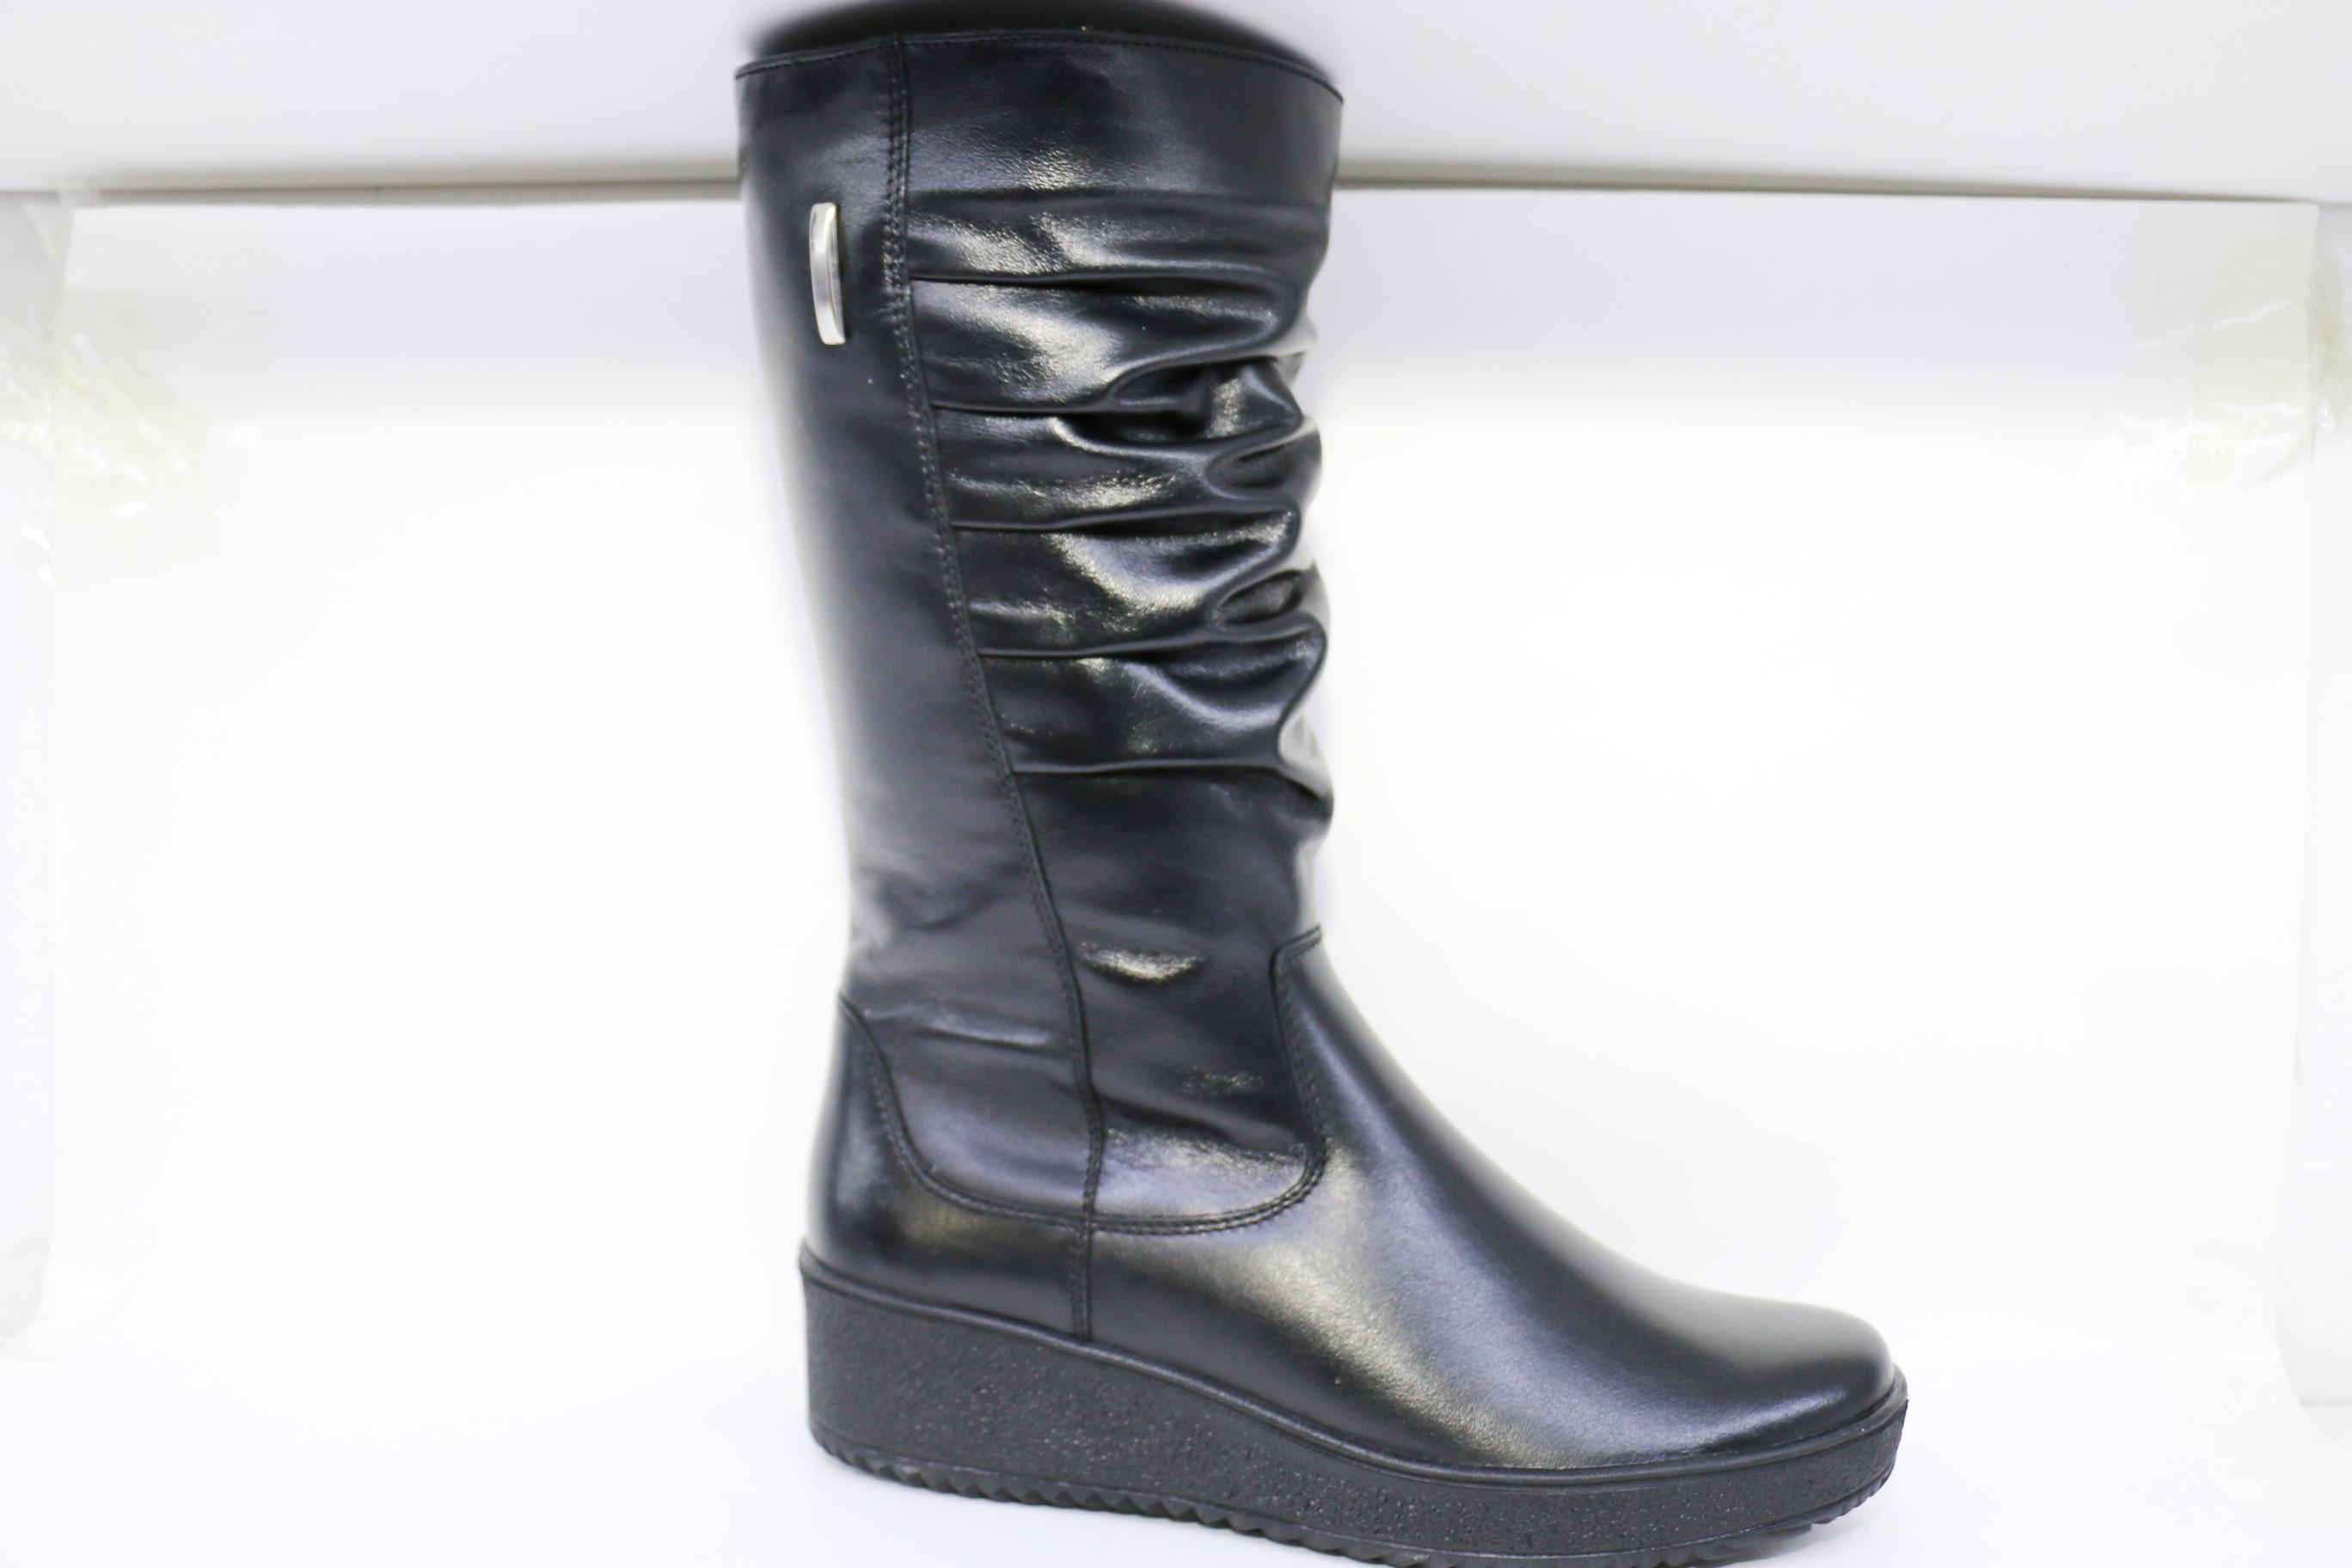 796b73406 сапоги женские зимние Salamander | Обувь из Германии.Немецкая обувь ...